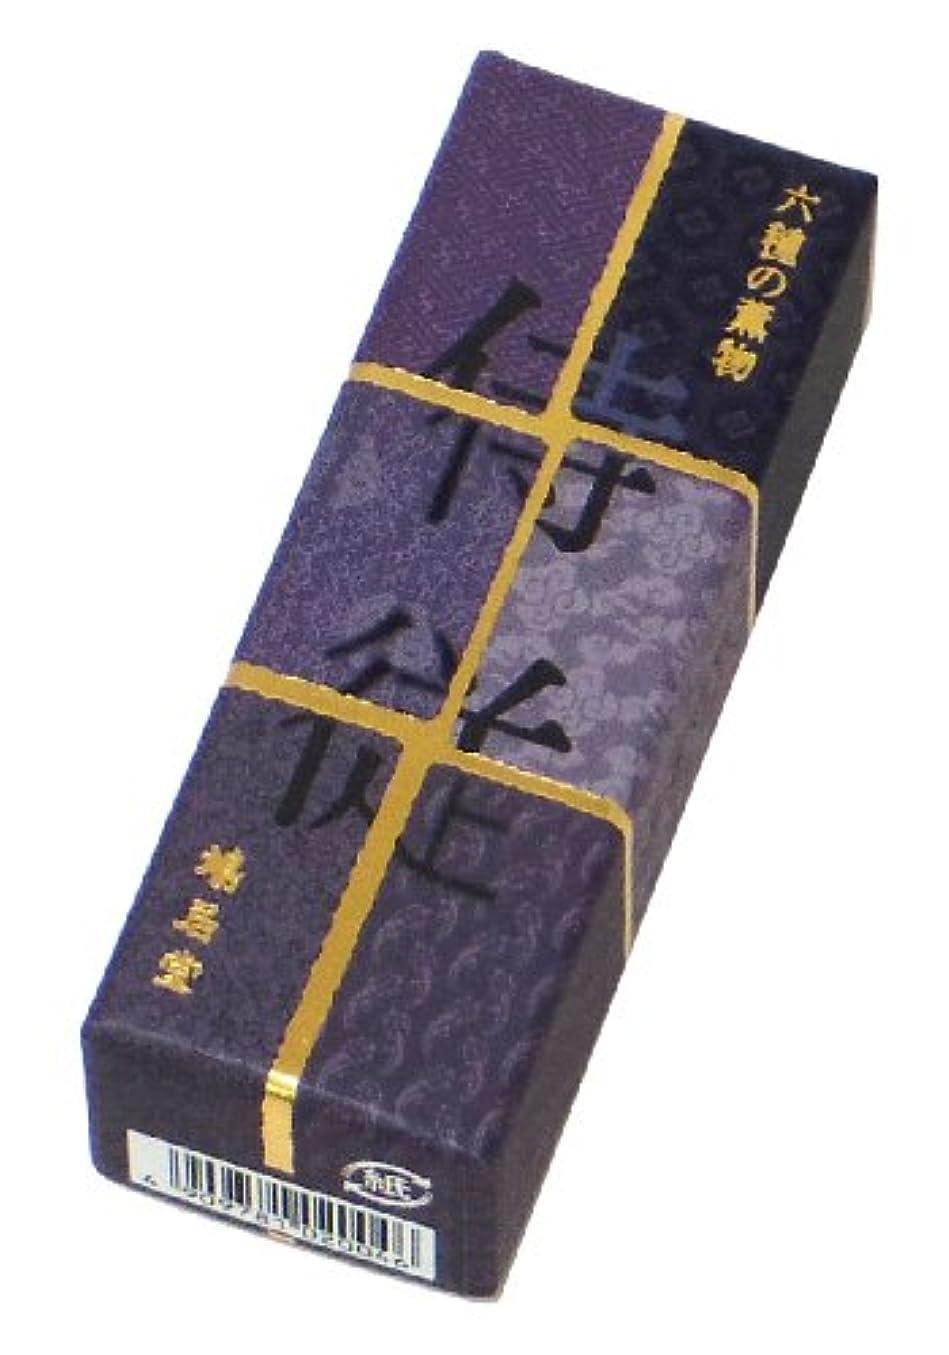 解放さておきやる鳩居堂のお香 六種の薫物 侍従 20本入 6cm